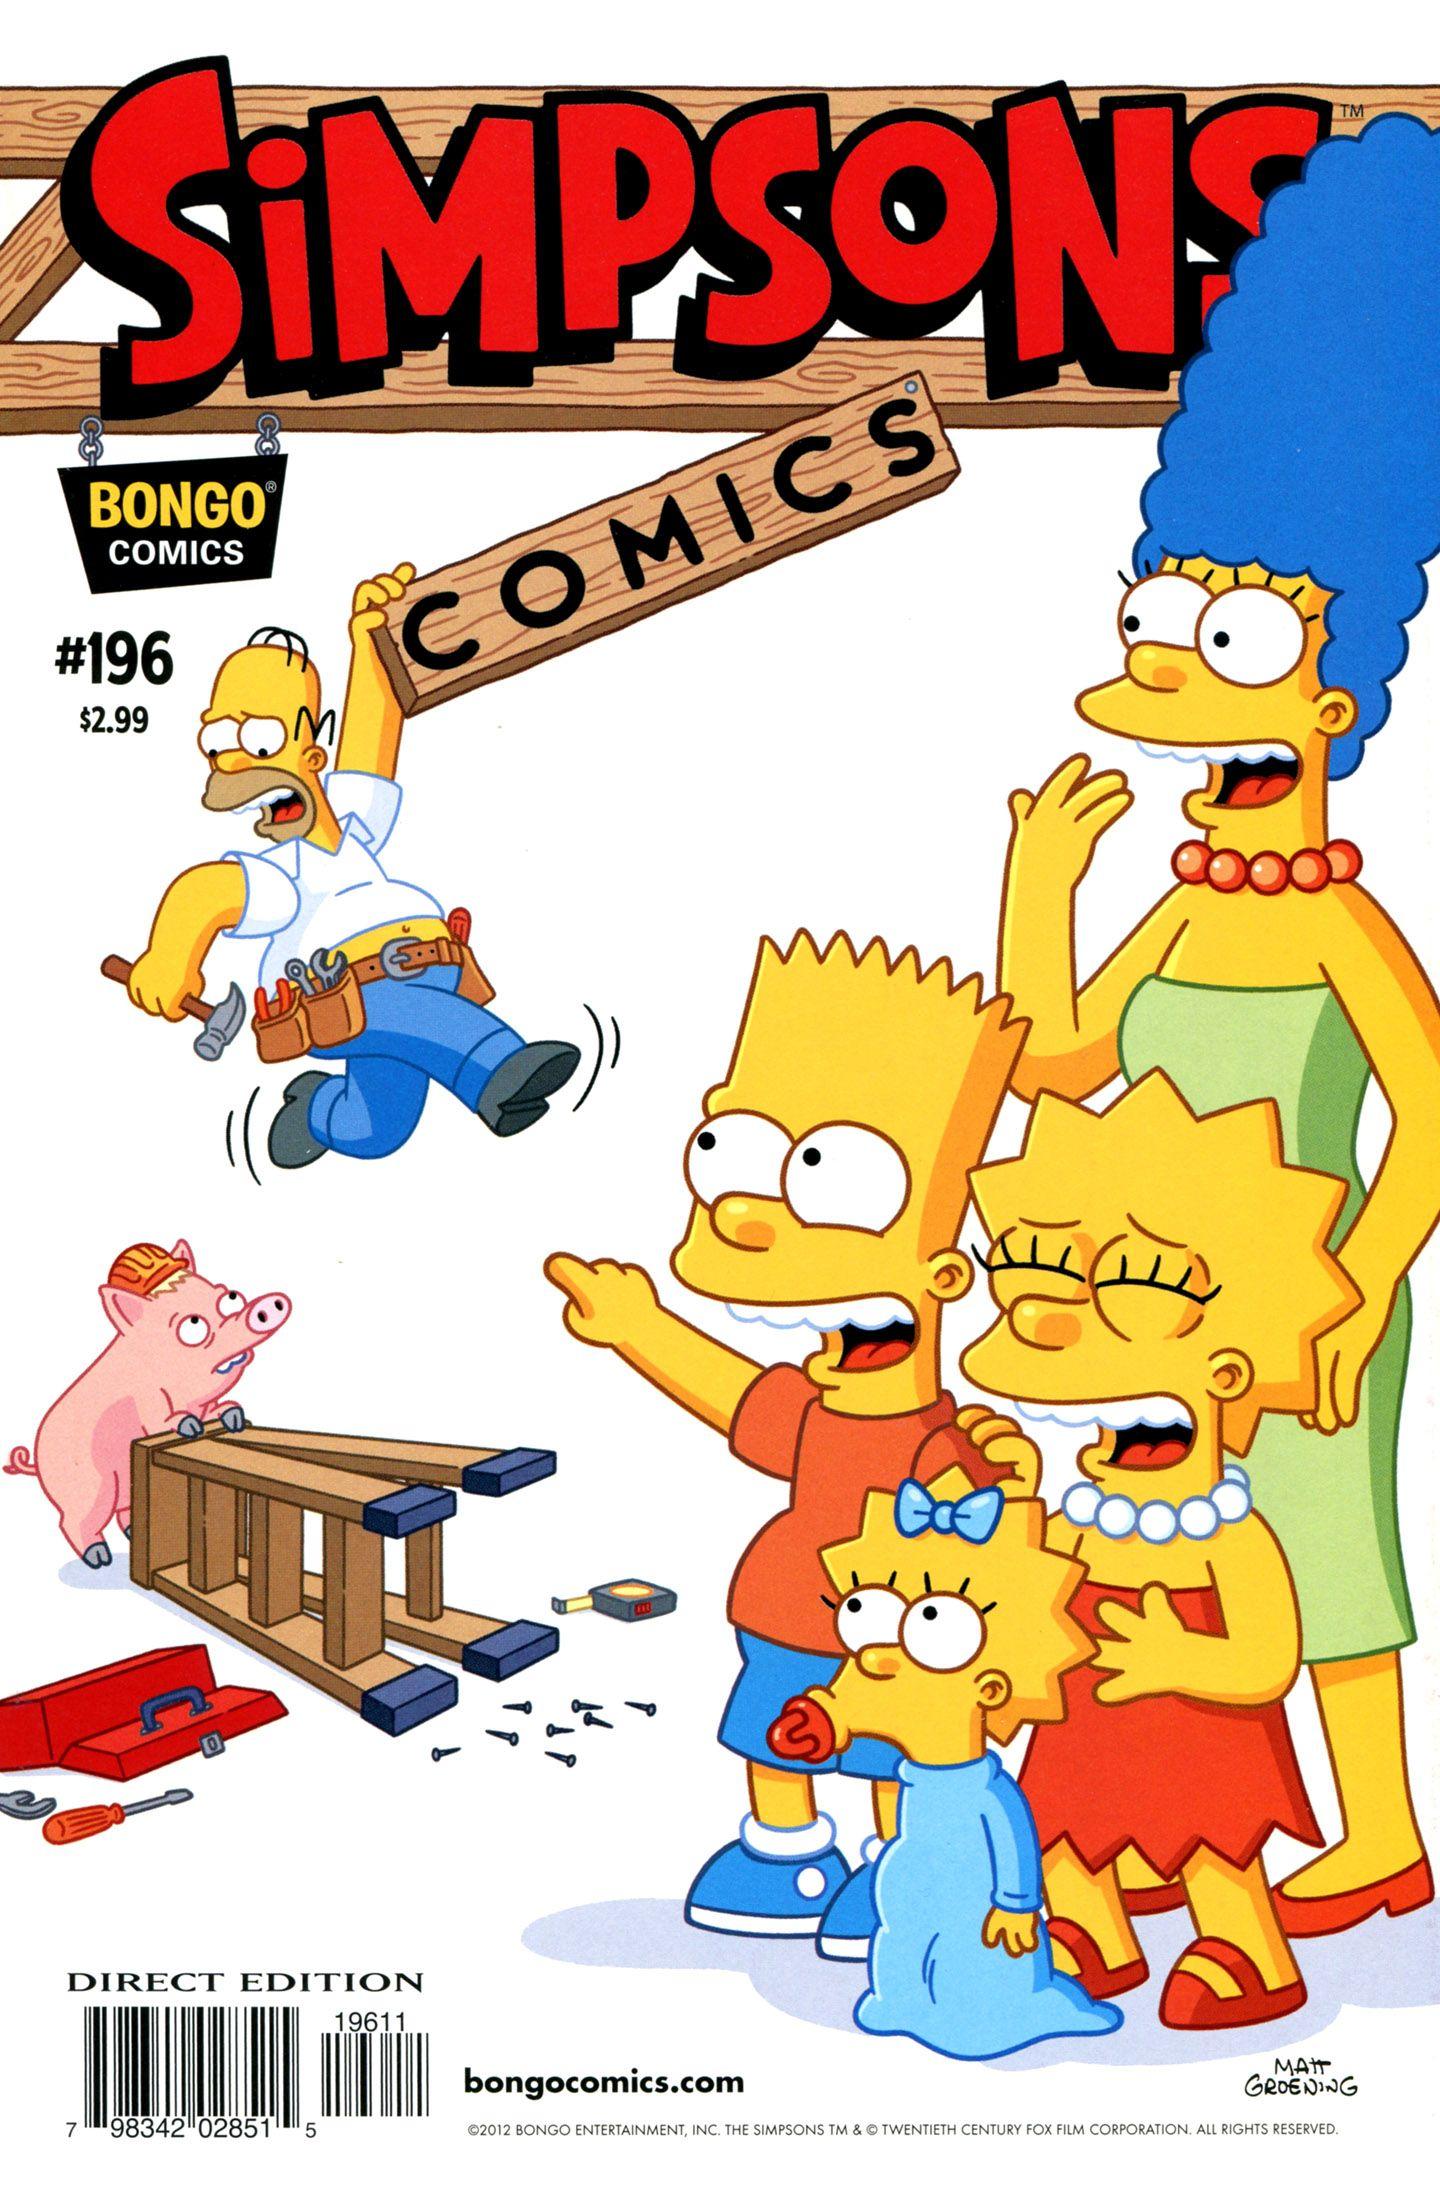 Bart Fucks Milhouse simpsons comics 196 | comic books, the simpsons, comics